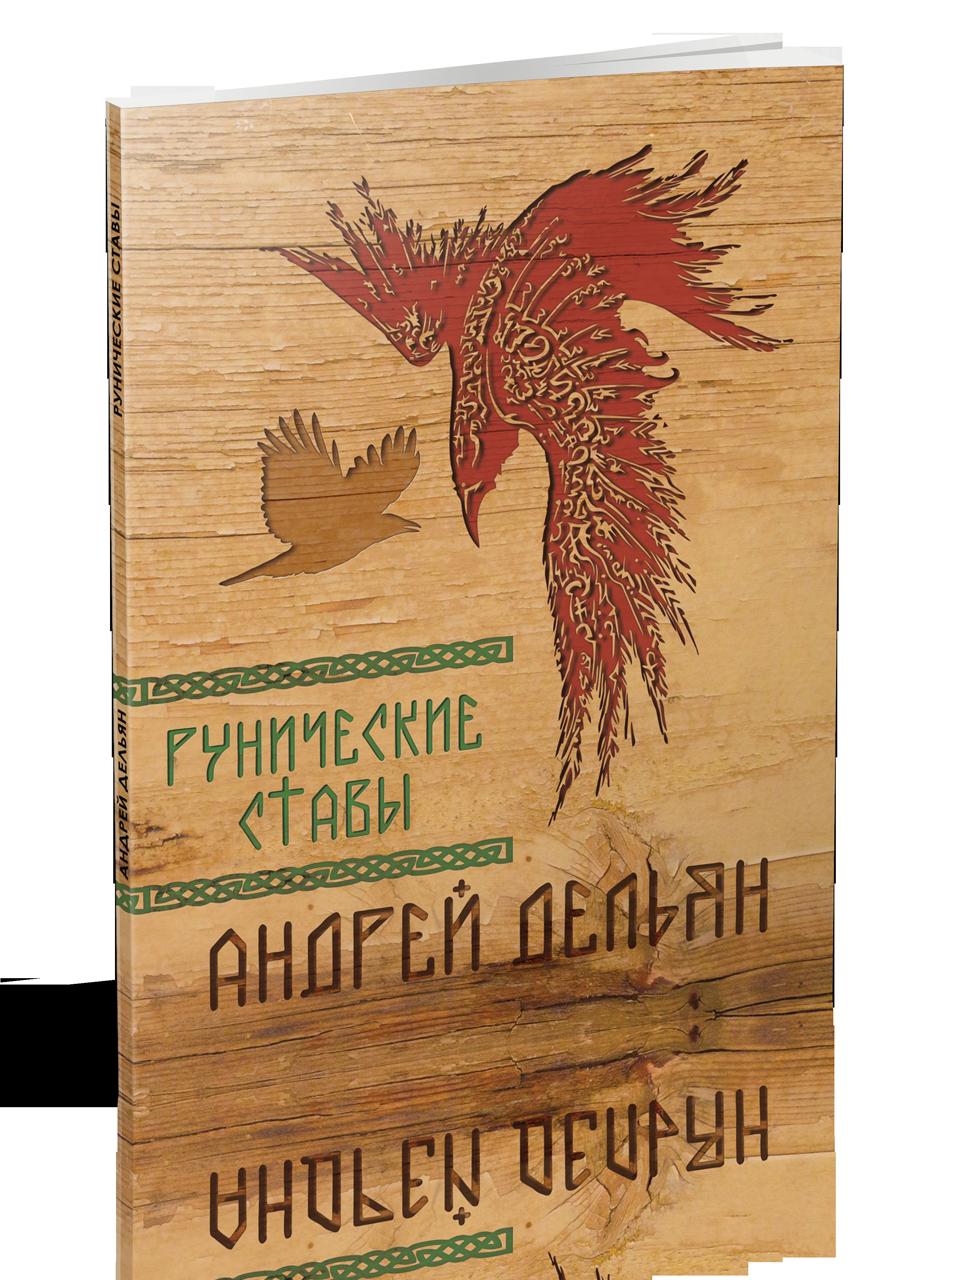 Книга Рунические ставы в интернет-магазине Magic-Kniga